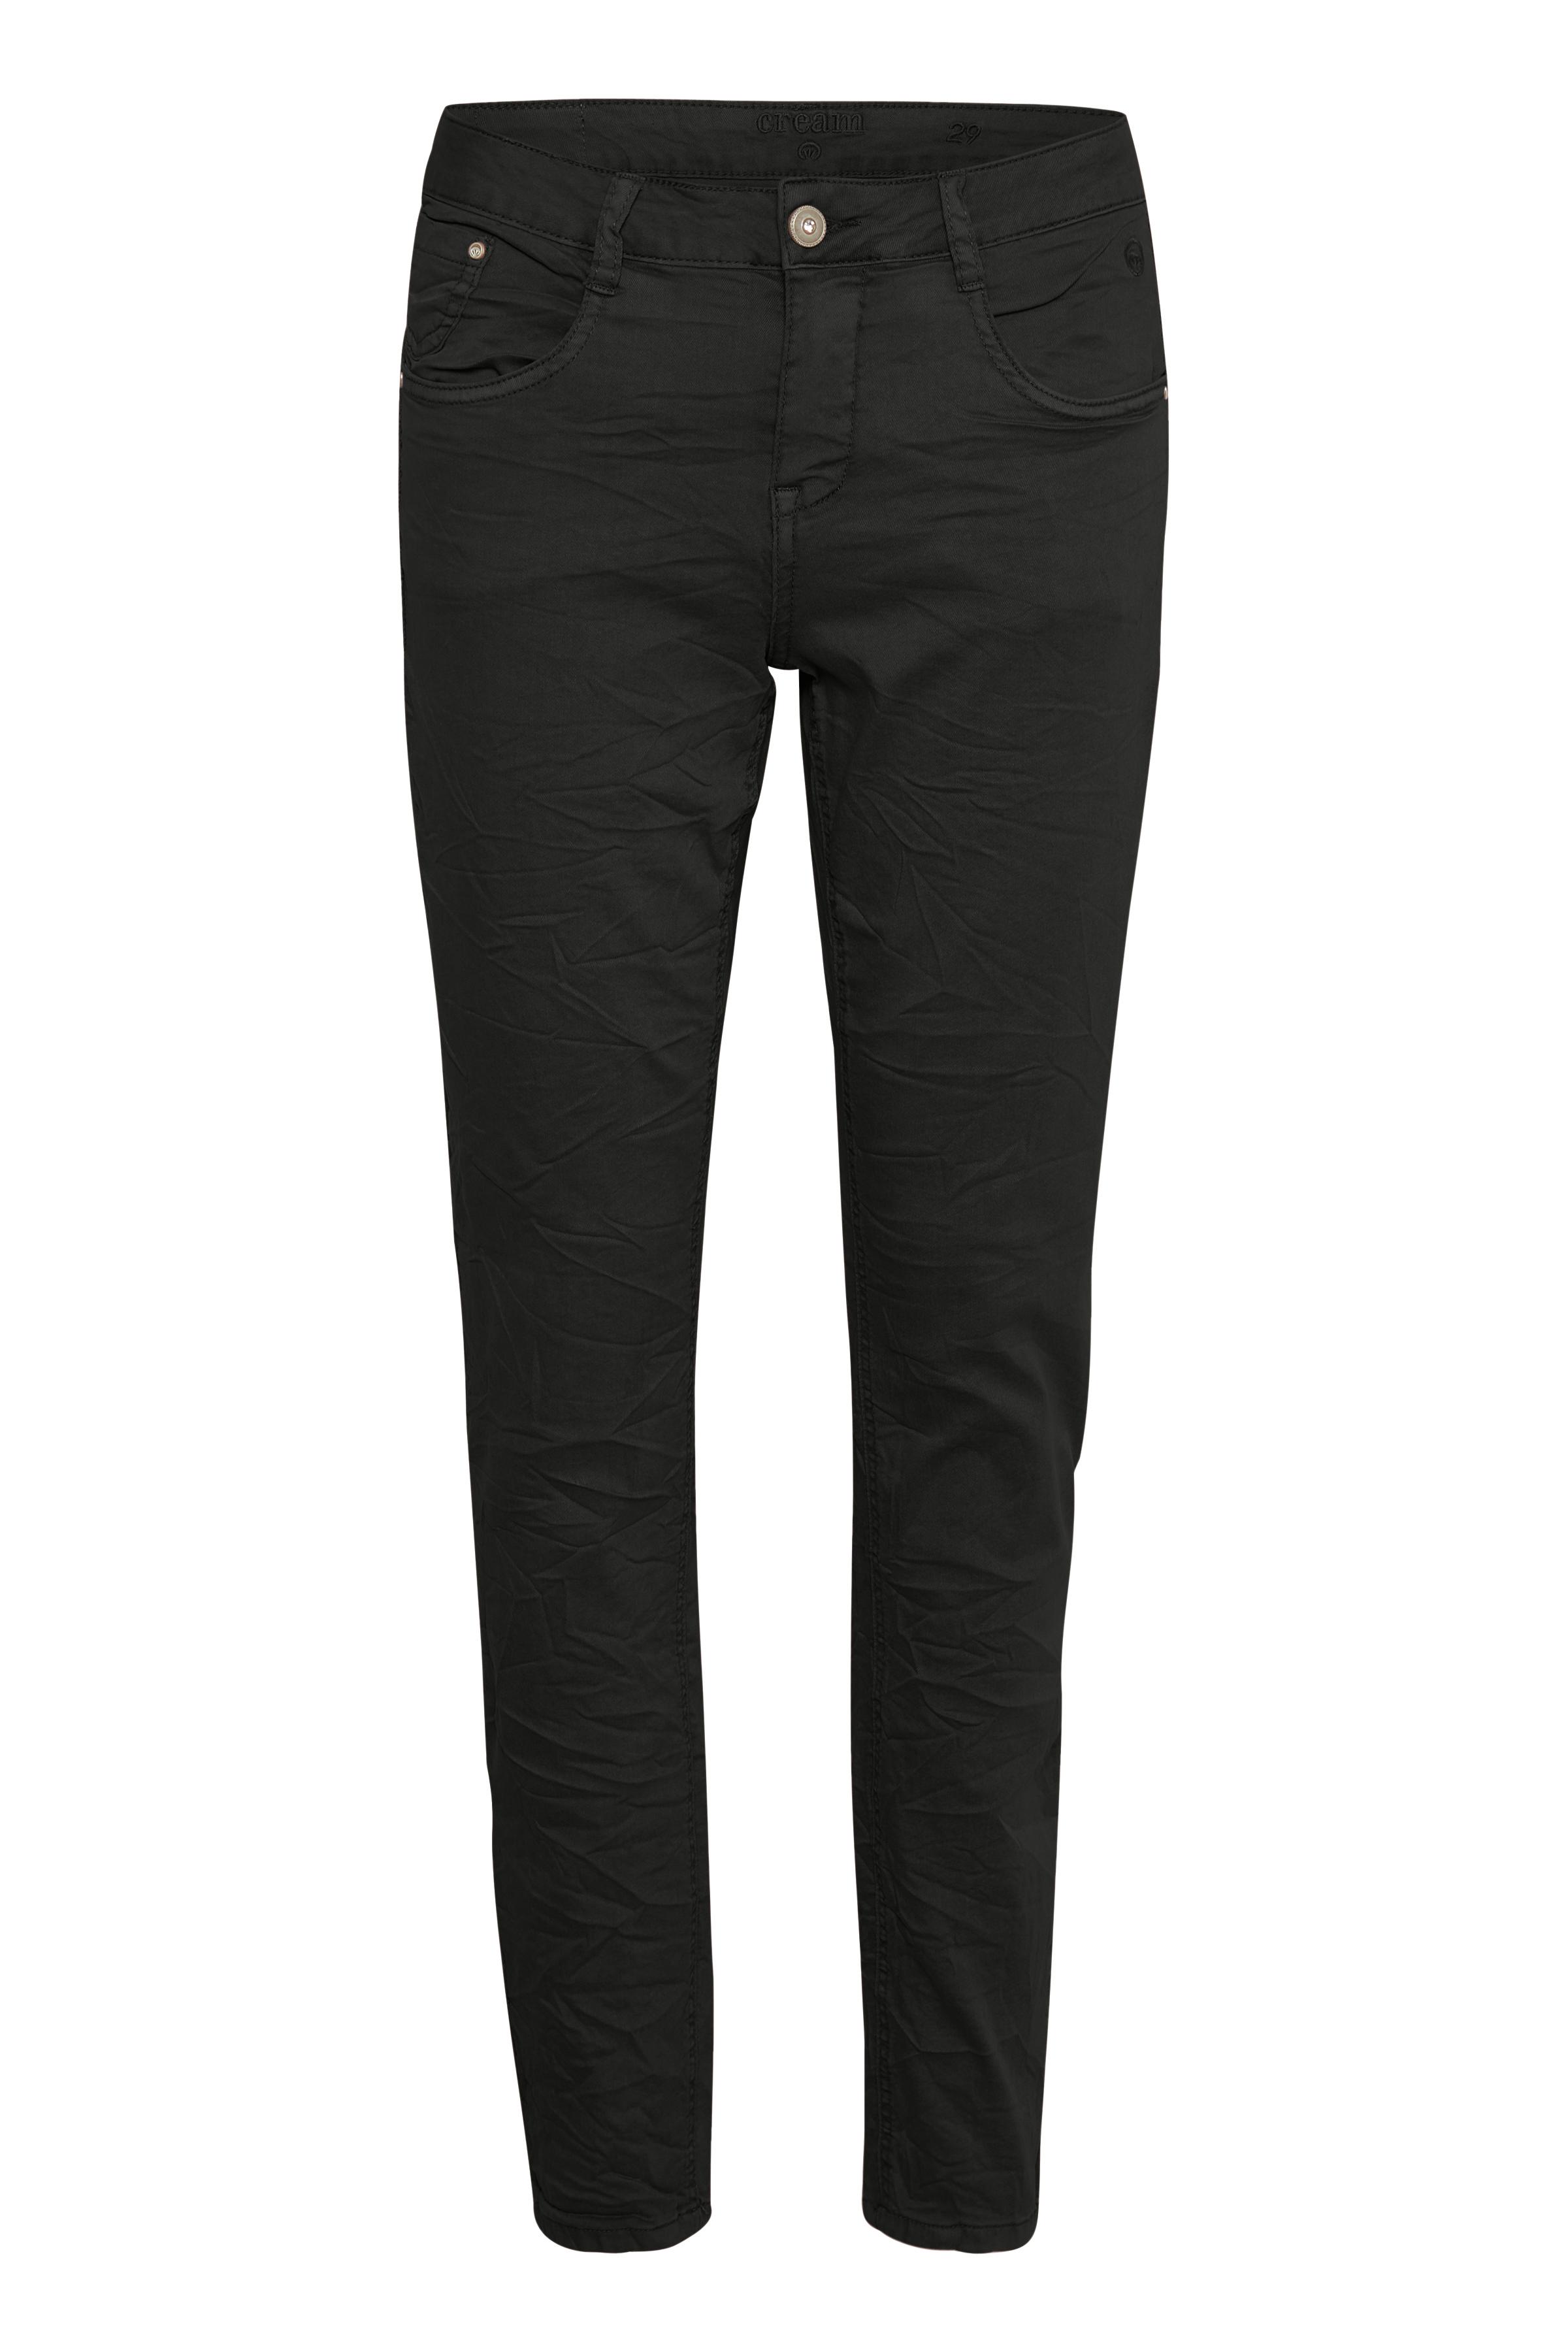 Sort Jeans fra Cream – Køb Sort Jeans fra str. 24-34 her